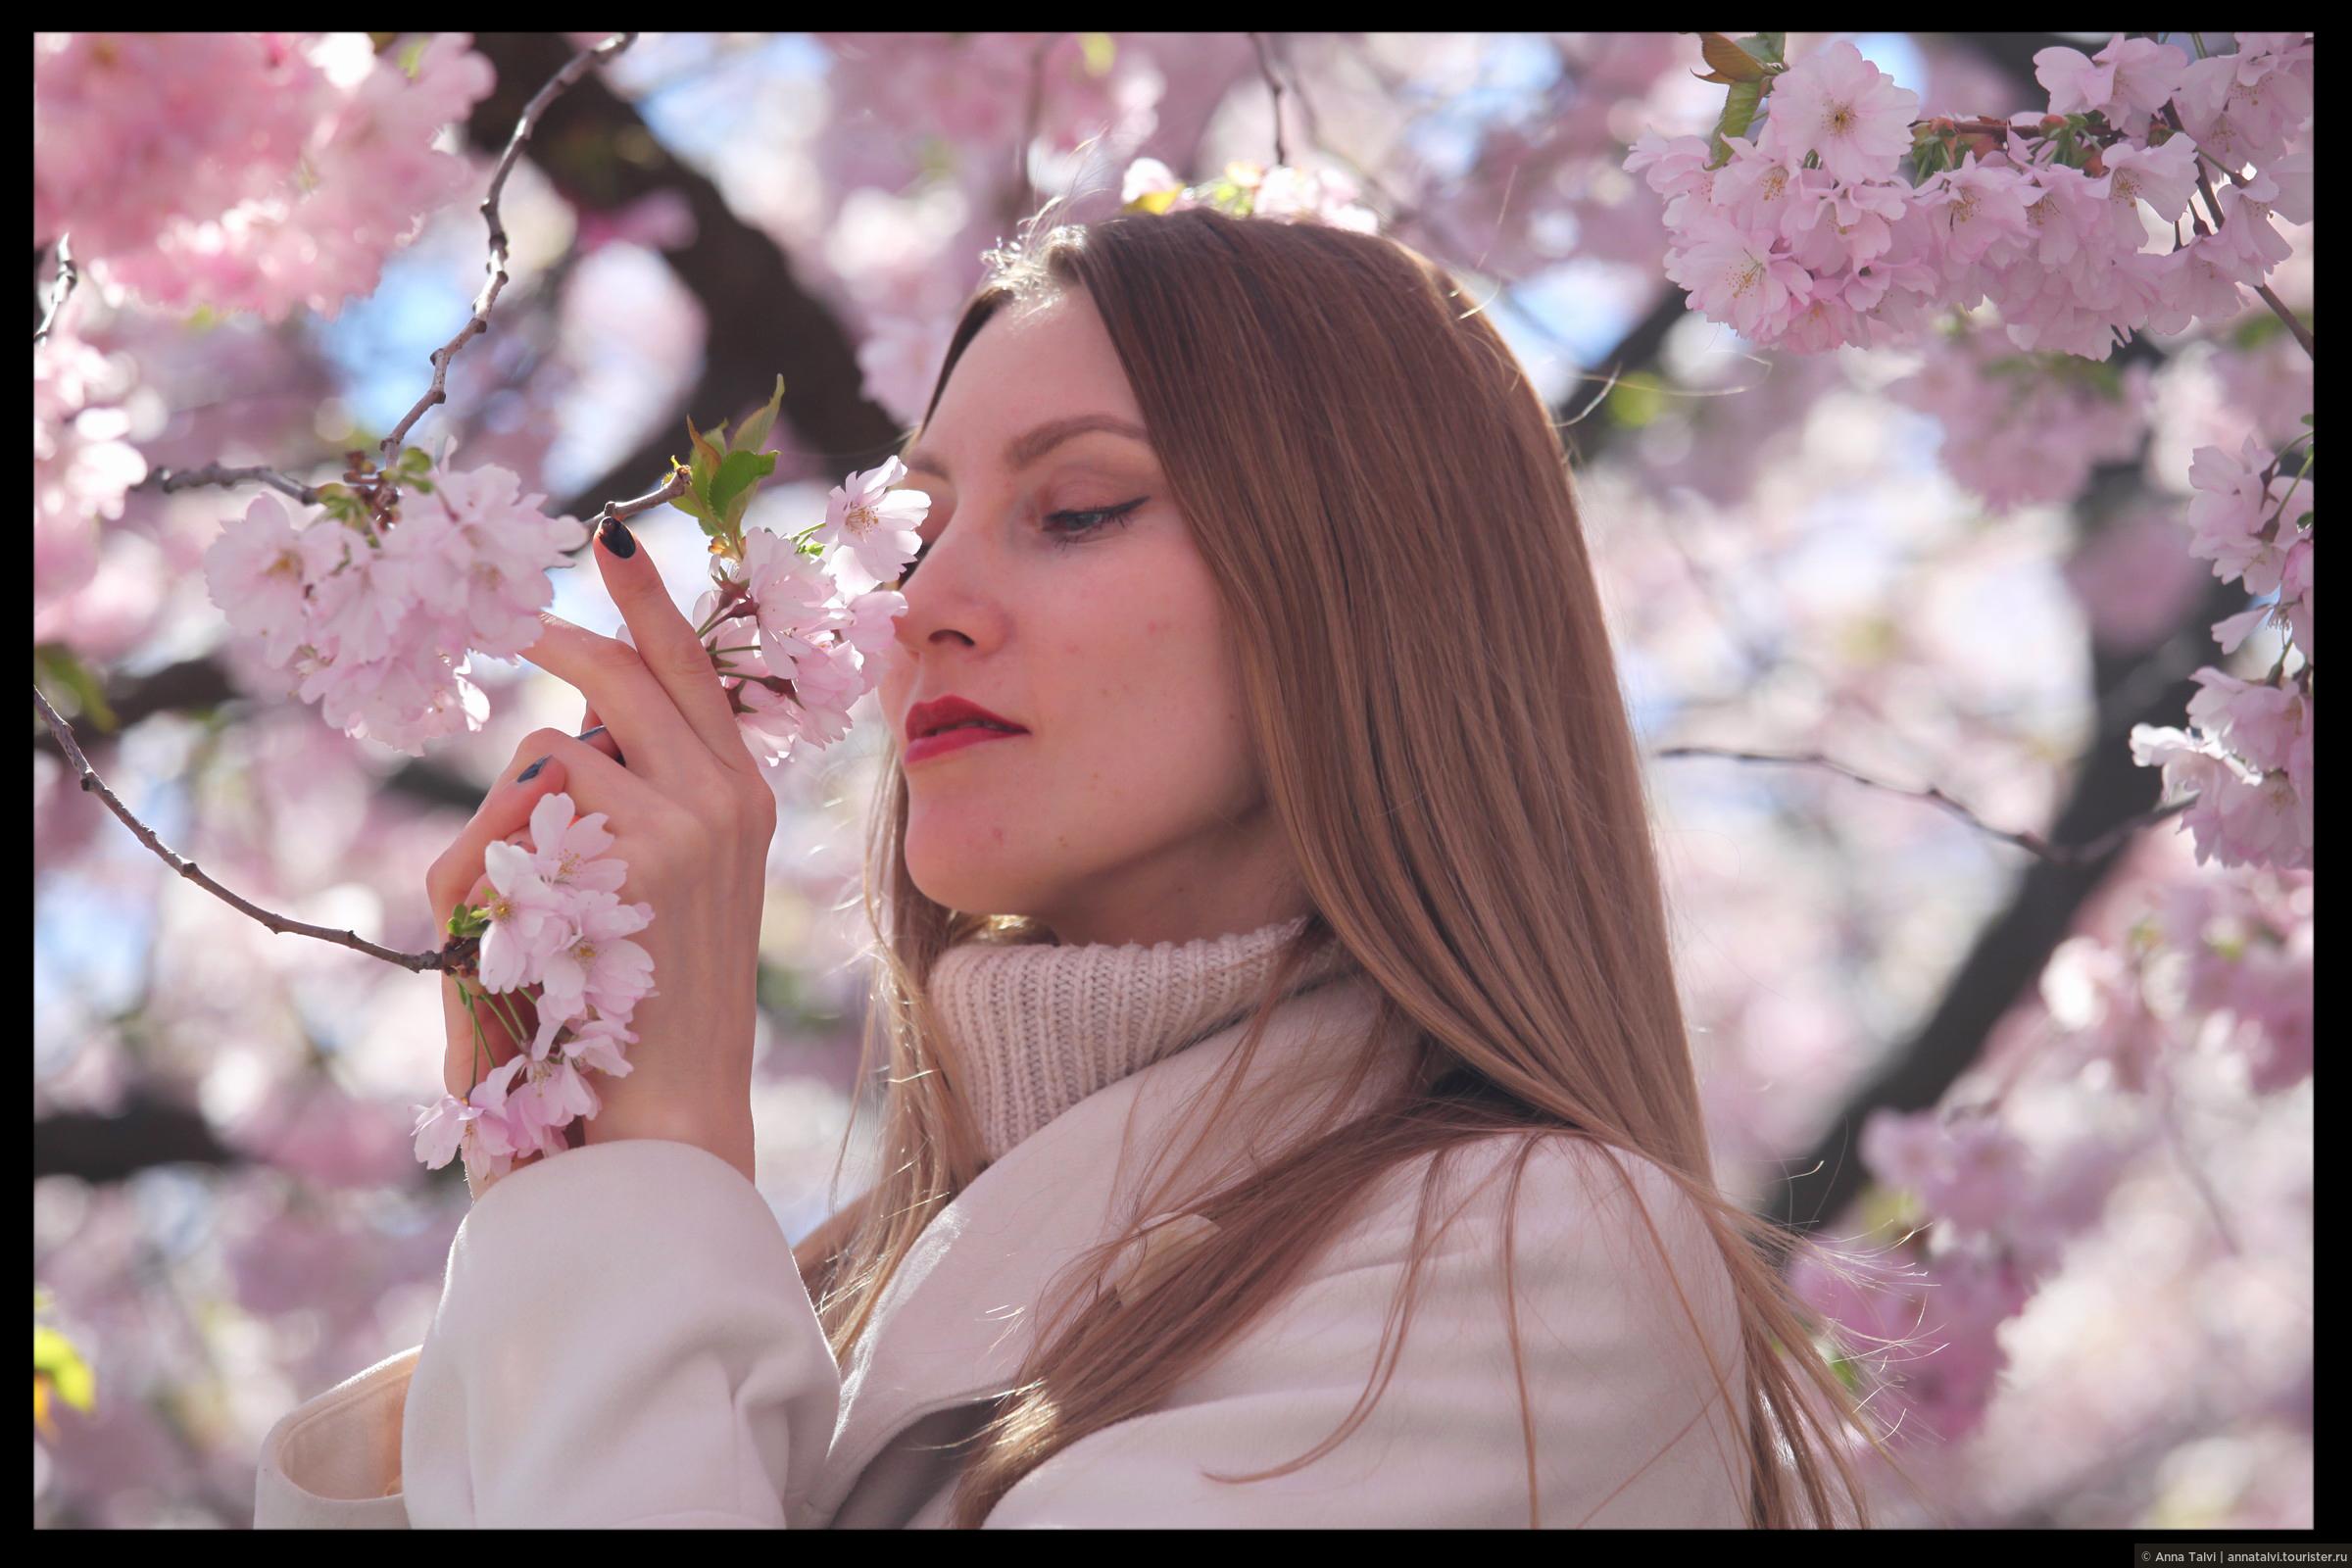 очень длинными запах весны фото виновником может